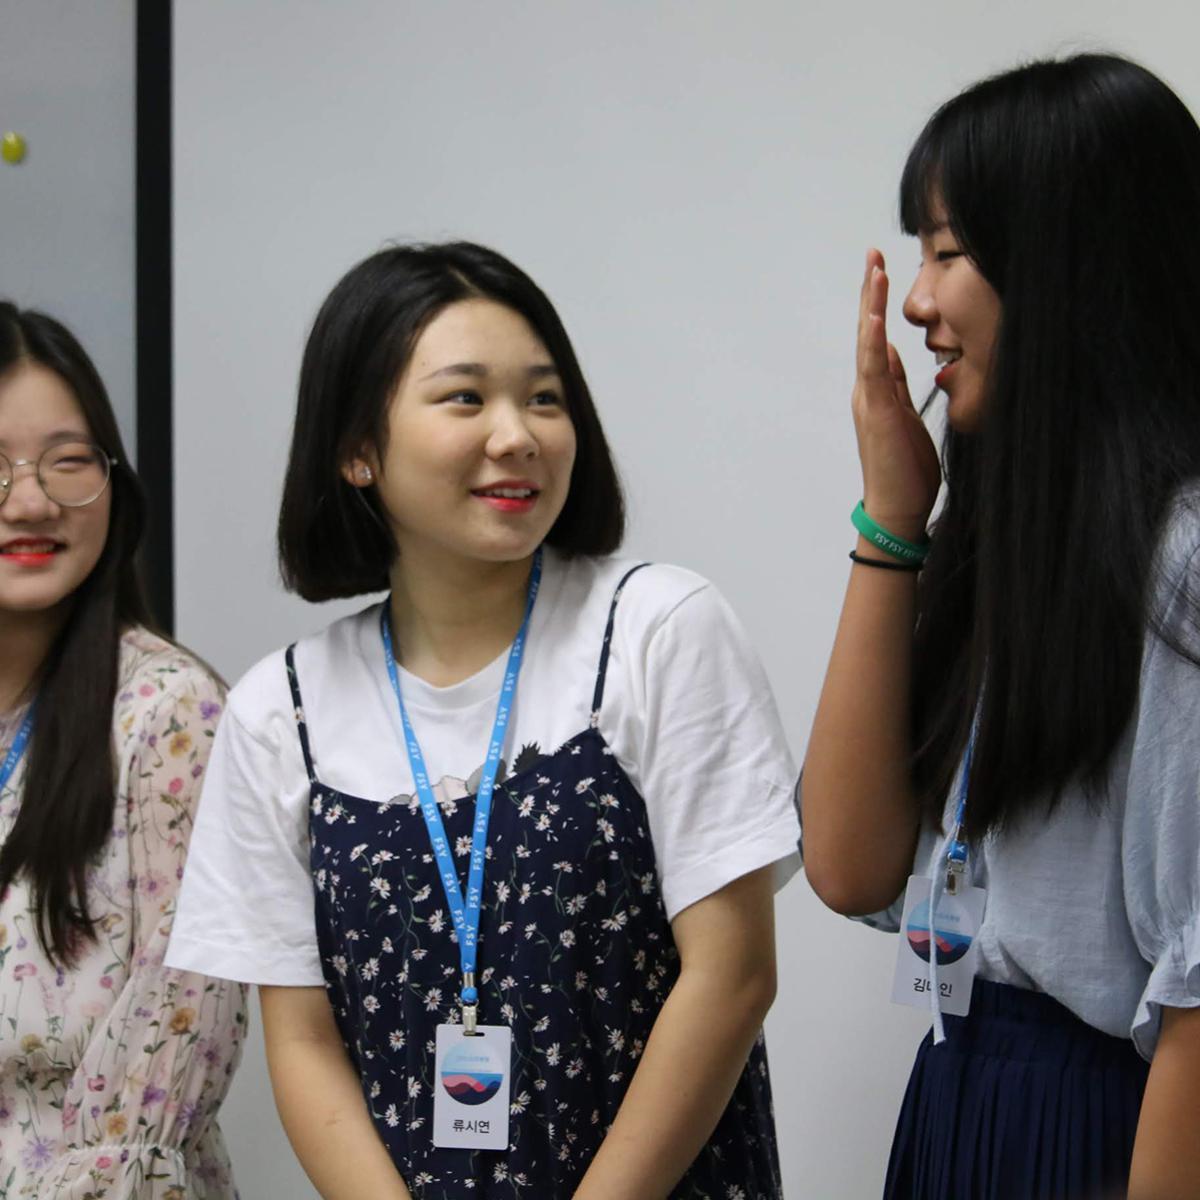 앞에 나와서 발표하는 세 명의 청녀